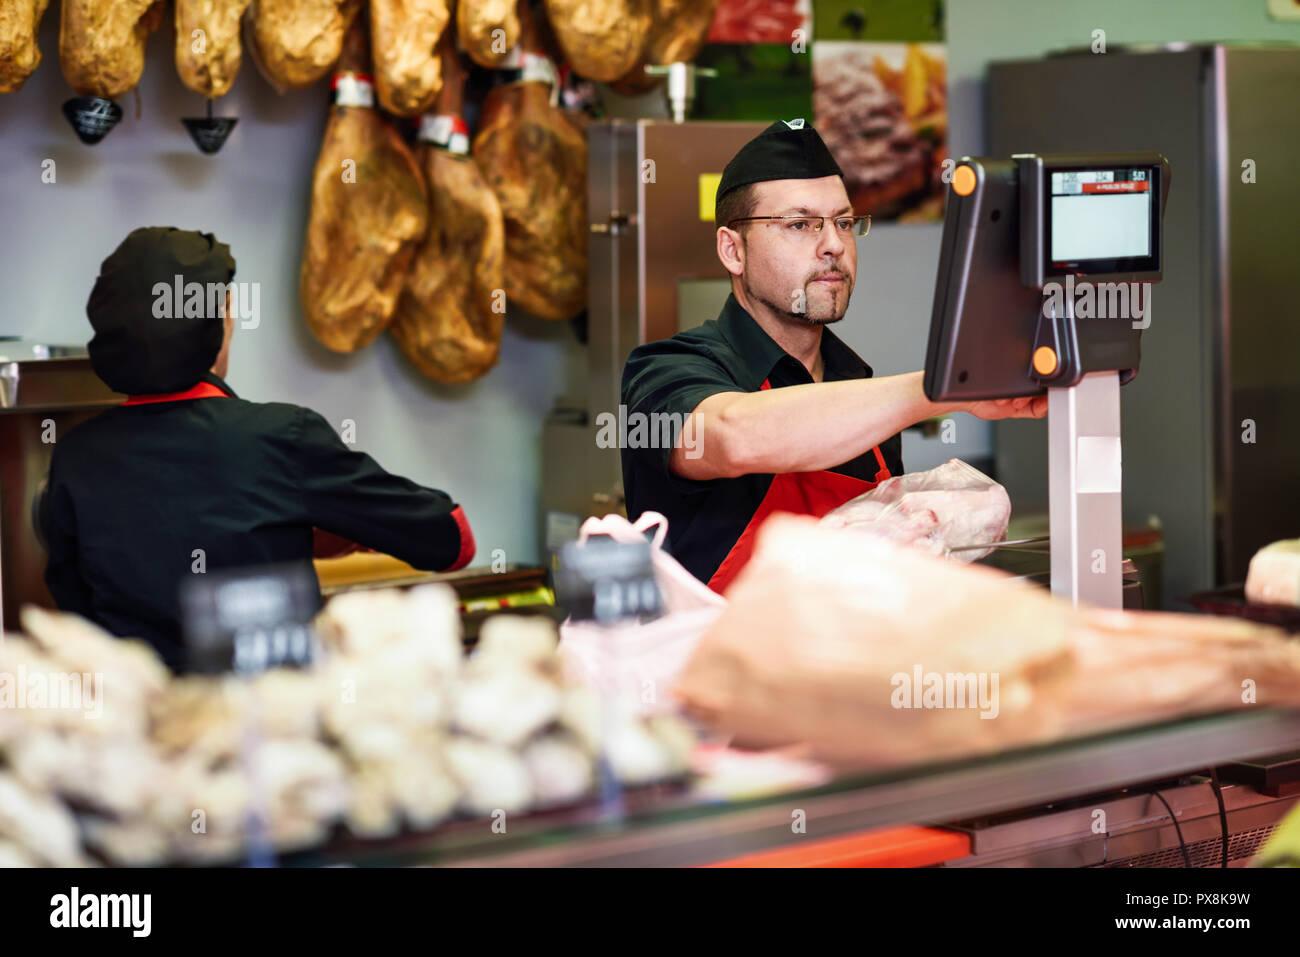 Macellaio in una macelleria di peso della carne e la carica con il prosciutto in background Immagini Stock